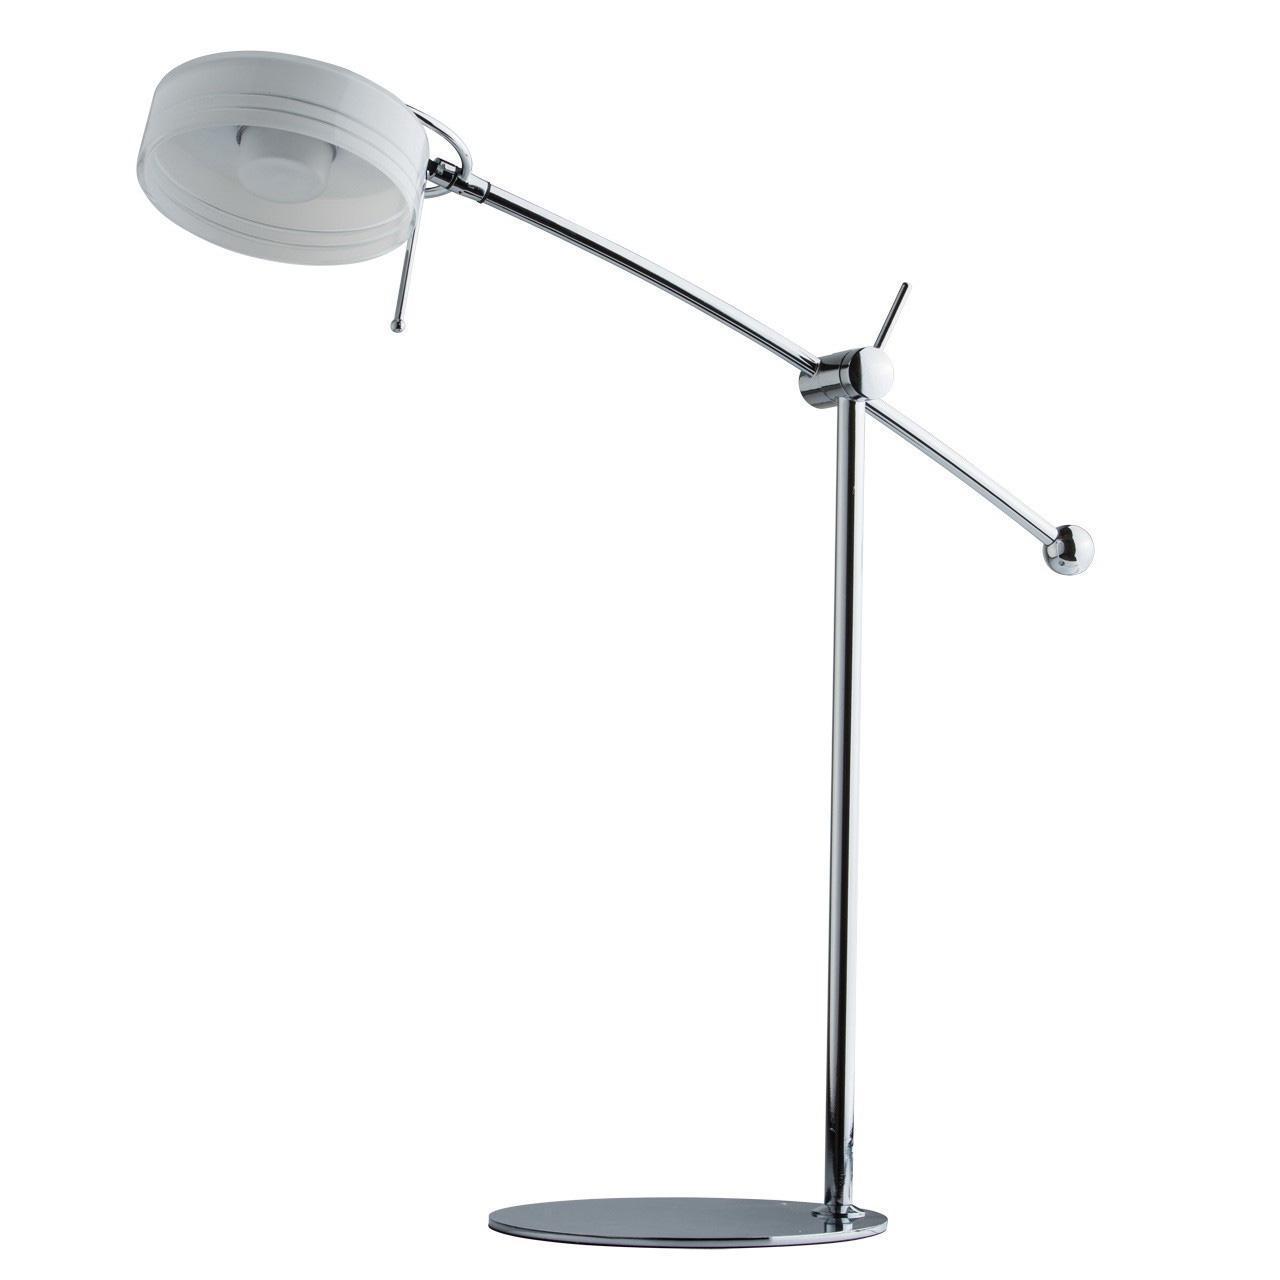 Настольная лампа De Markt Ракурс 631030401 настольная лампа de markt крайс 657030301